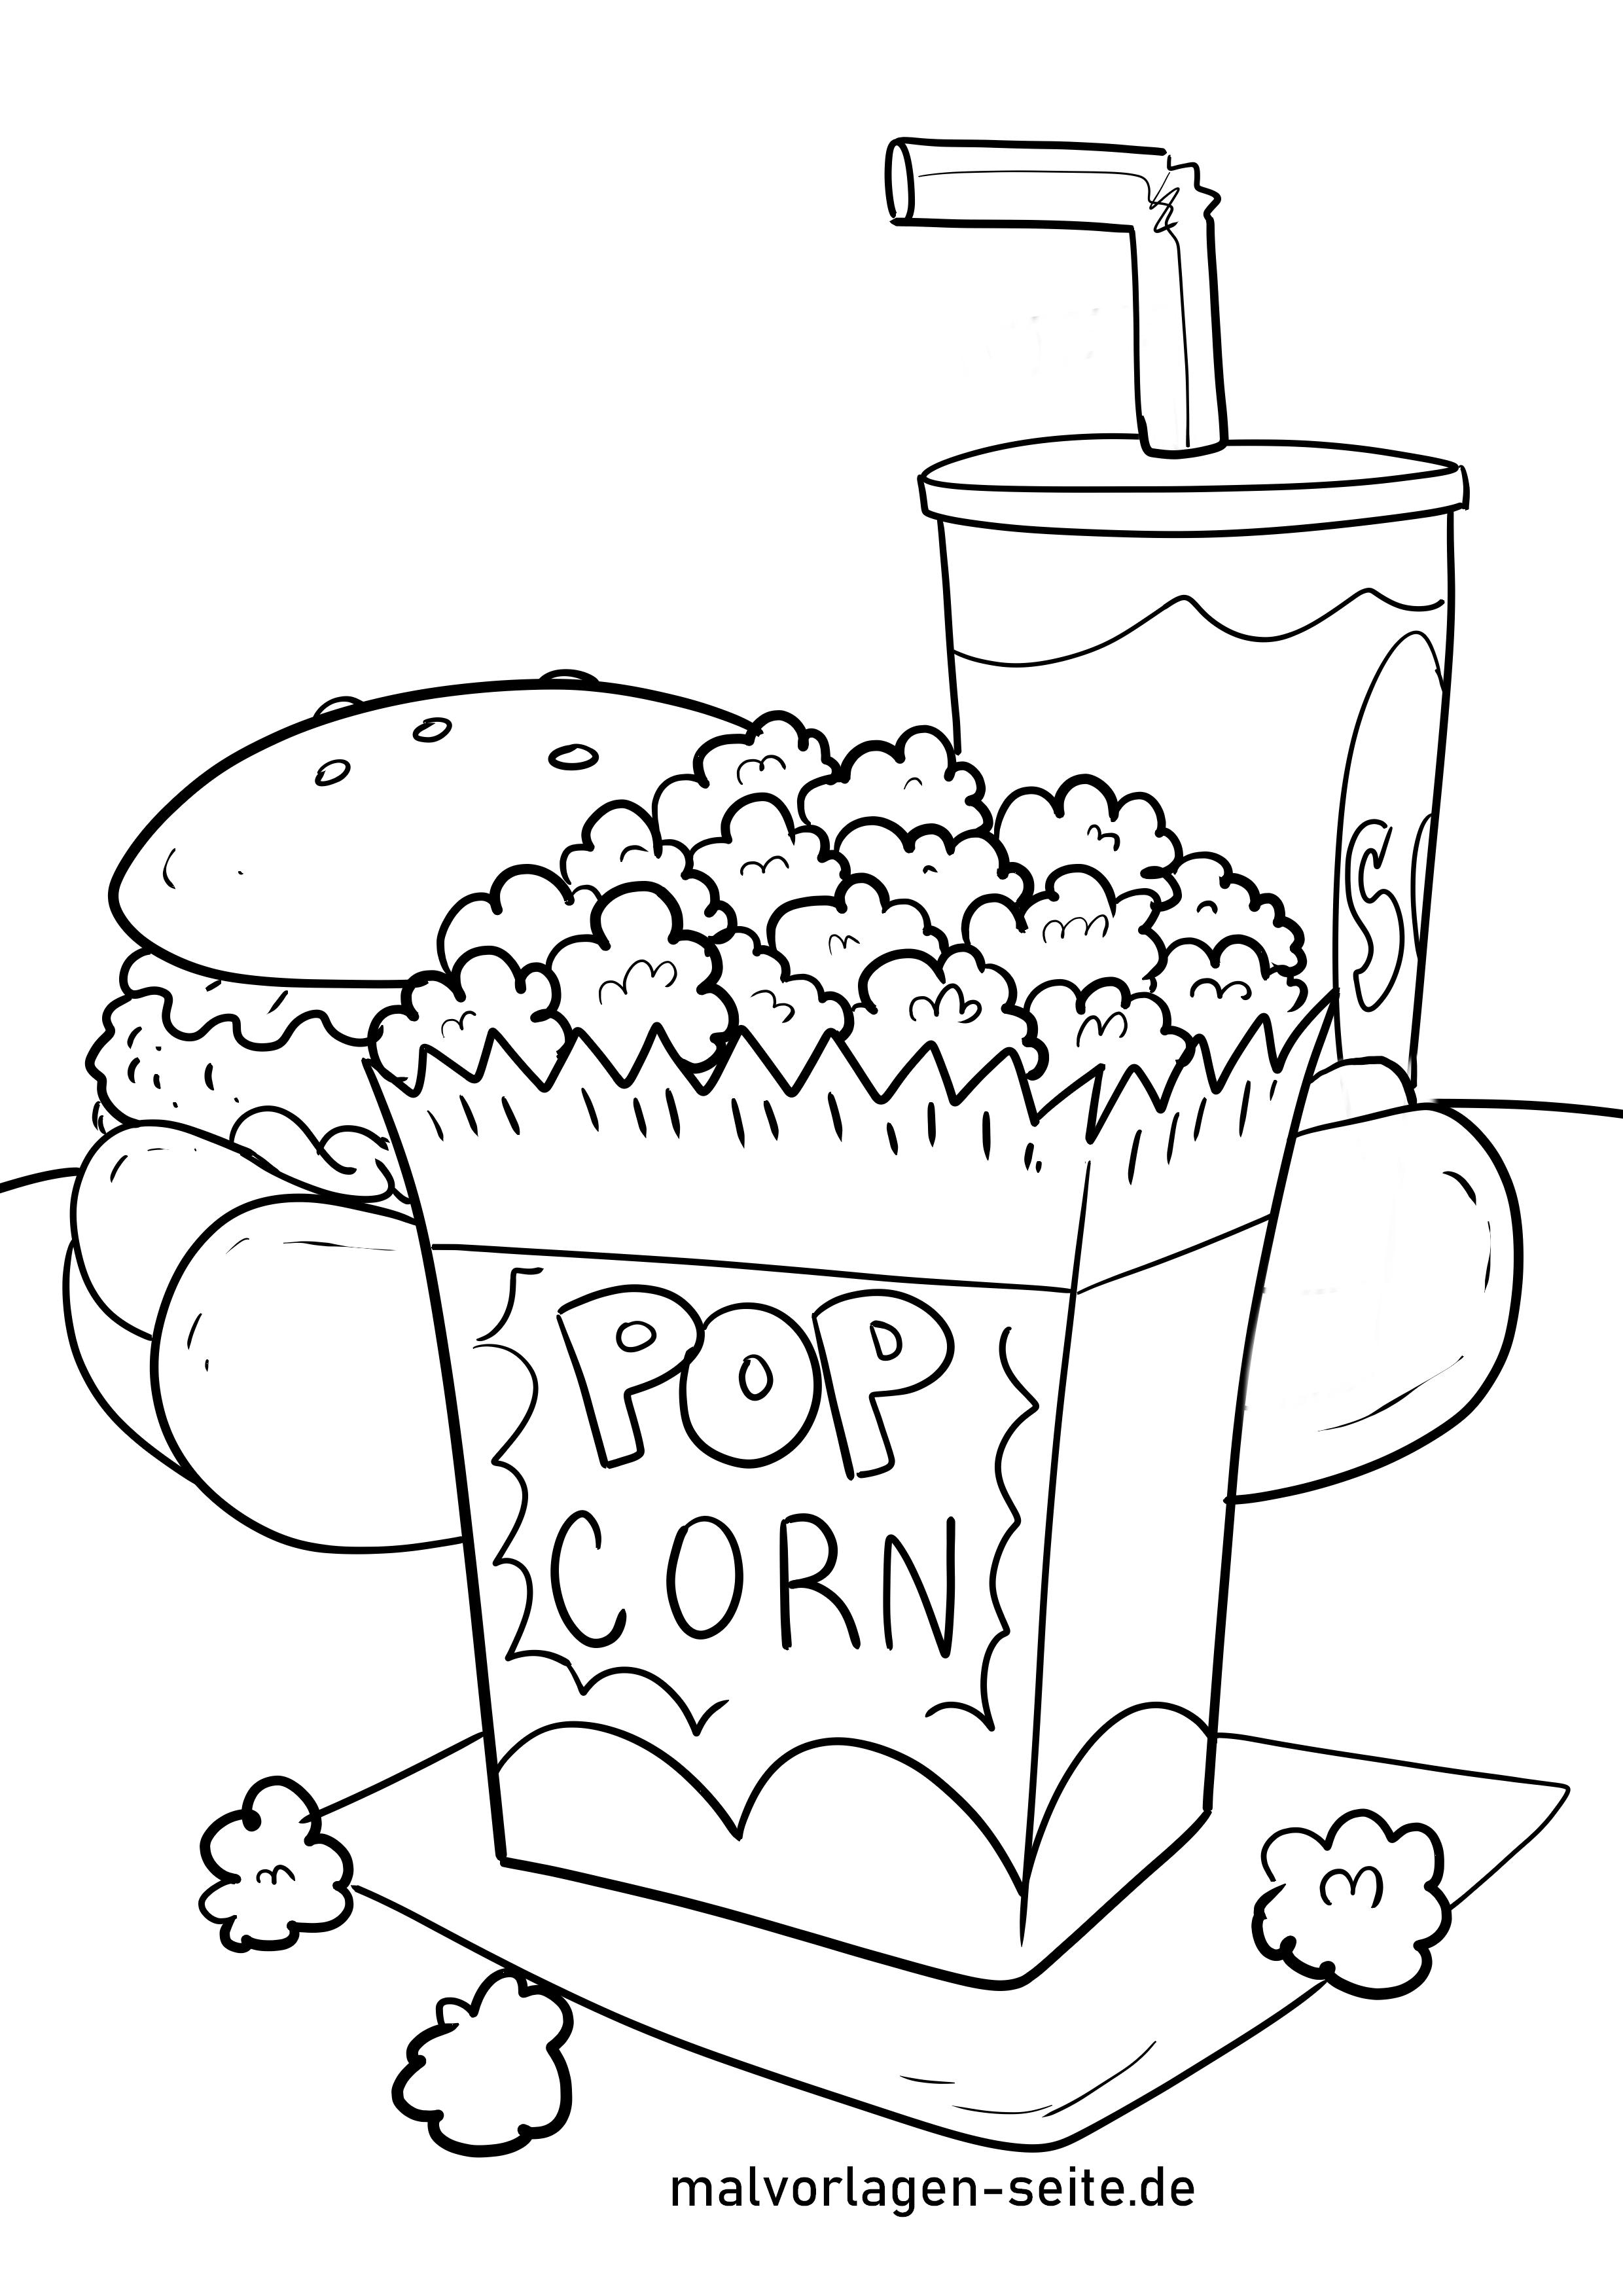 Malvorlage Popcorn - Essen - Kostenlose Ausmalbilder